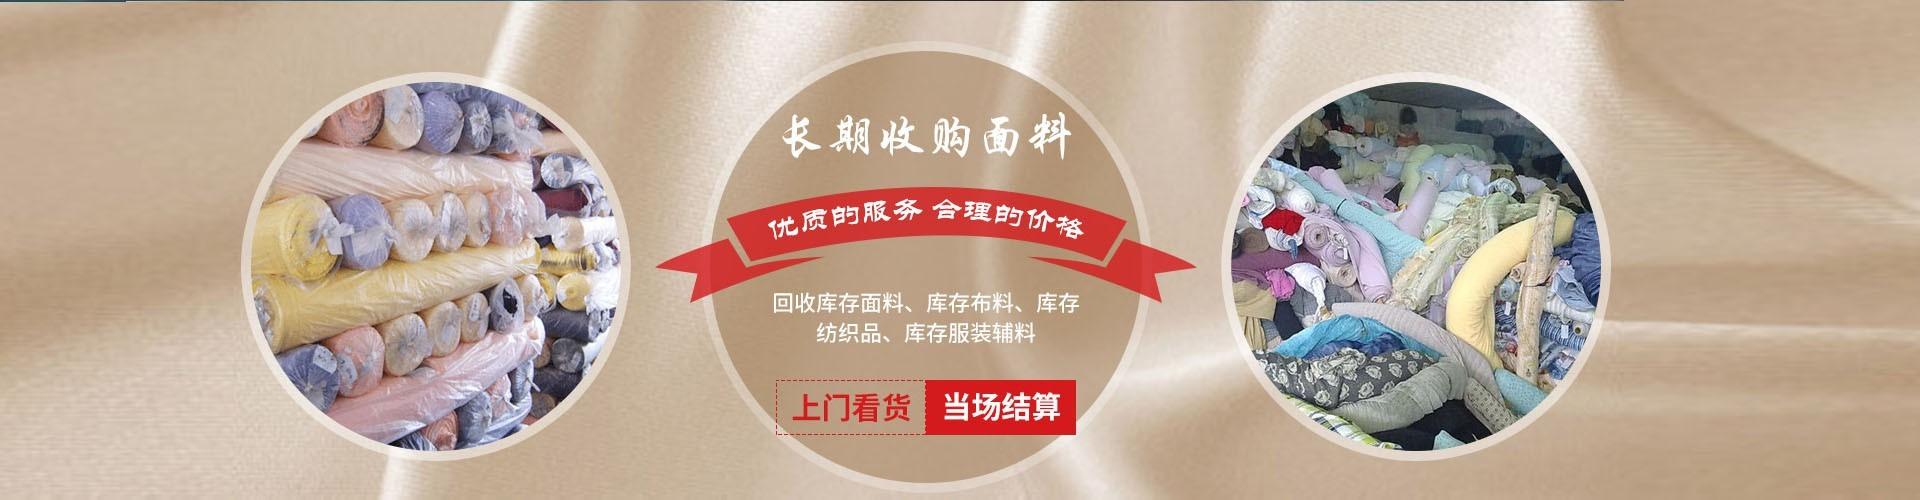 上海服装库存回收厂家